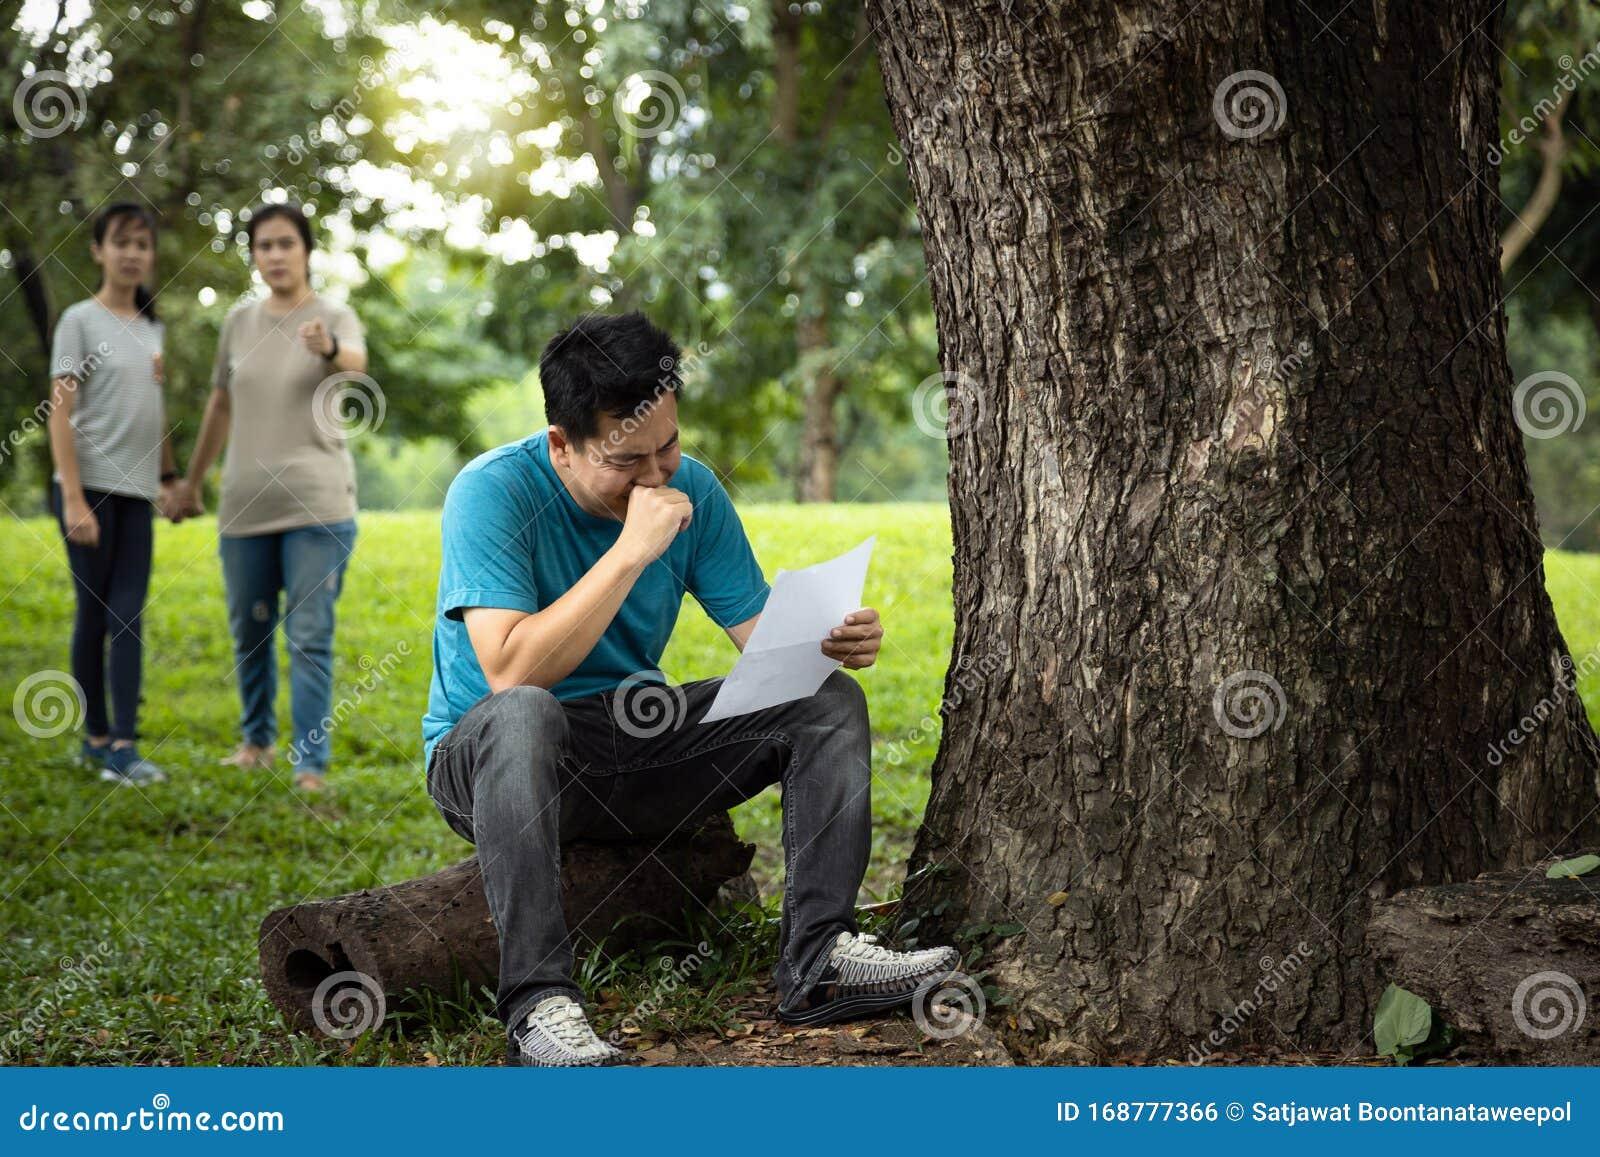 Asiatisch Ehefrau Betrügen Während Arbeit